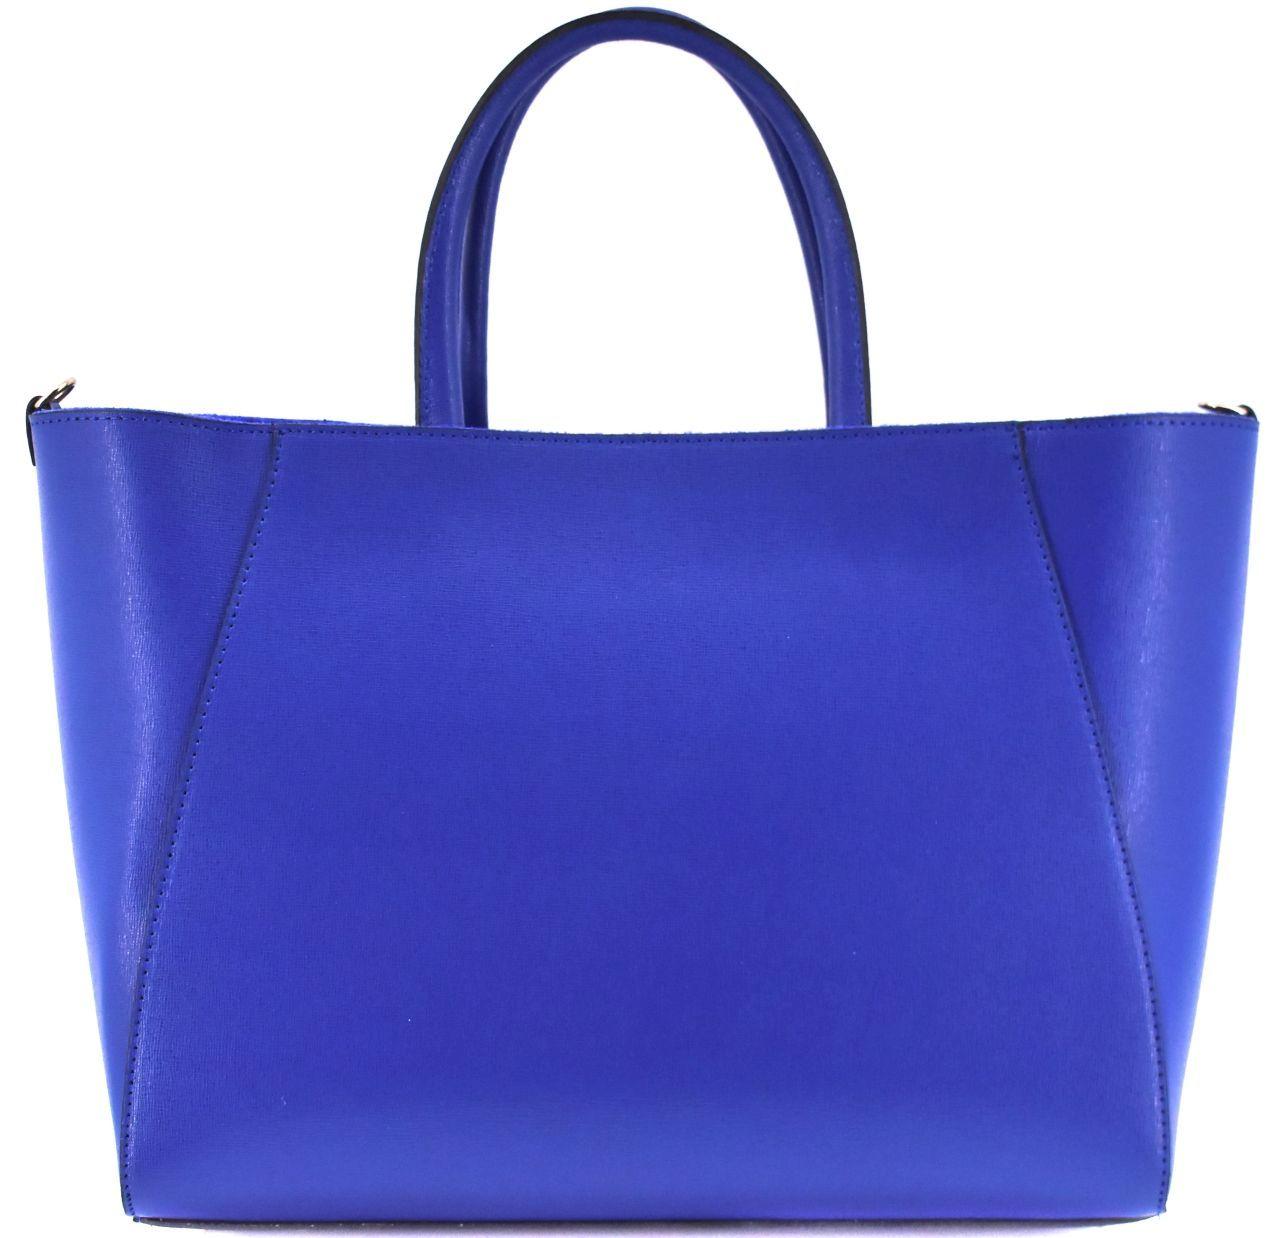 Moderní Shopper dámská kožená kabelka Arteddy - světle hnědá